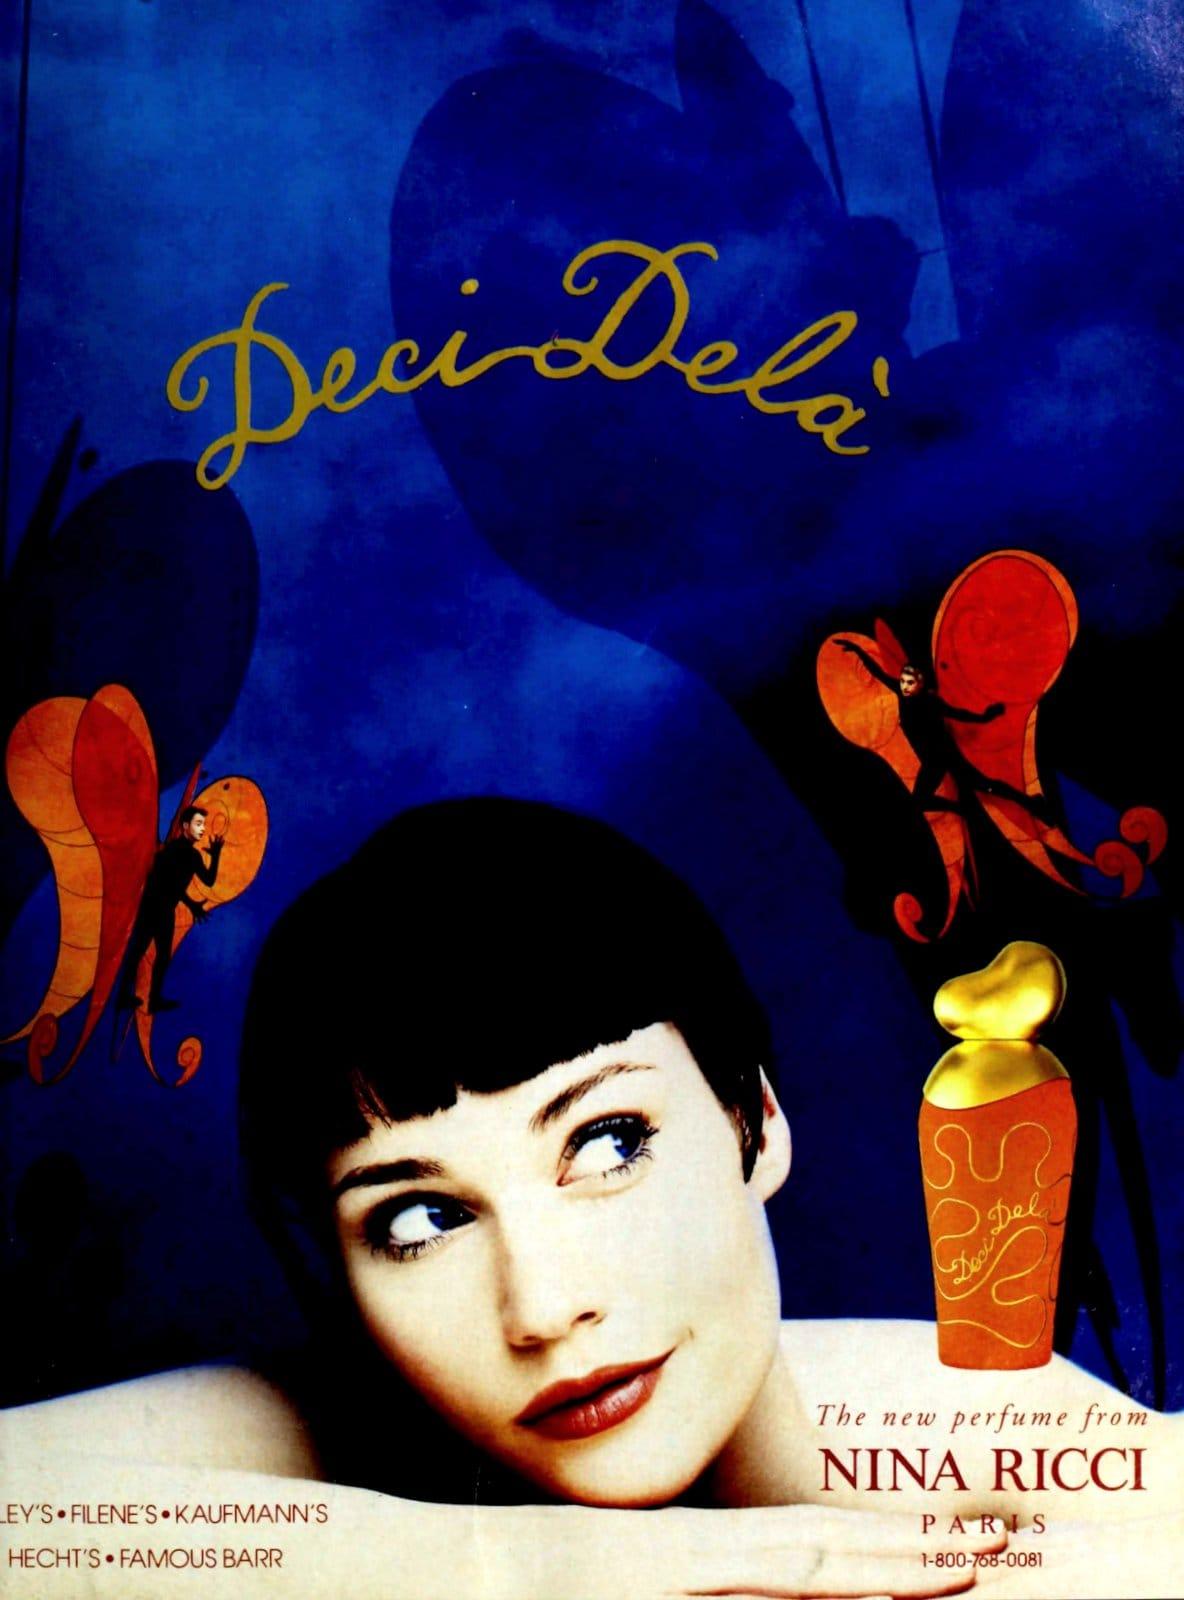 Deci Dela from Nina Ricci (1995) at ClickAmericana com